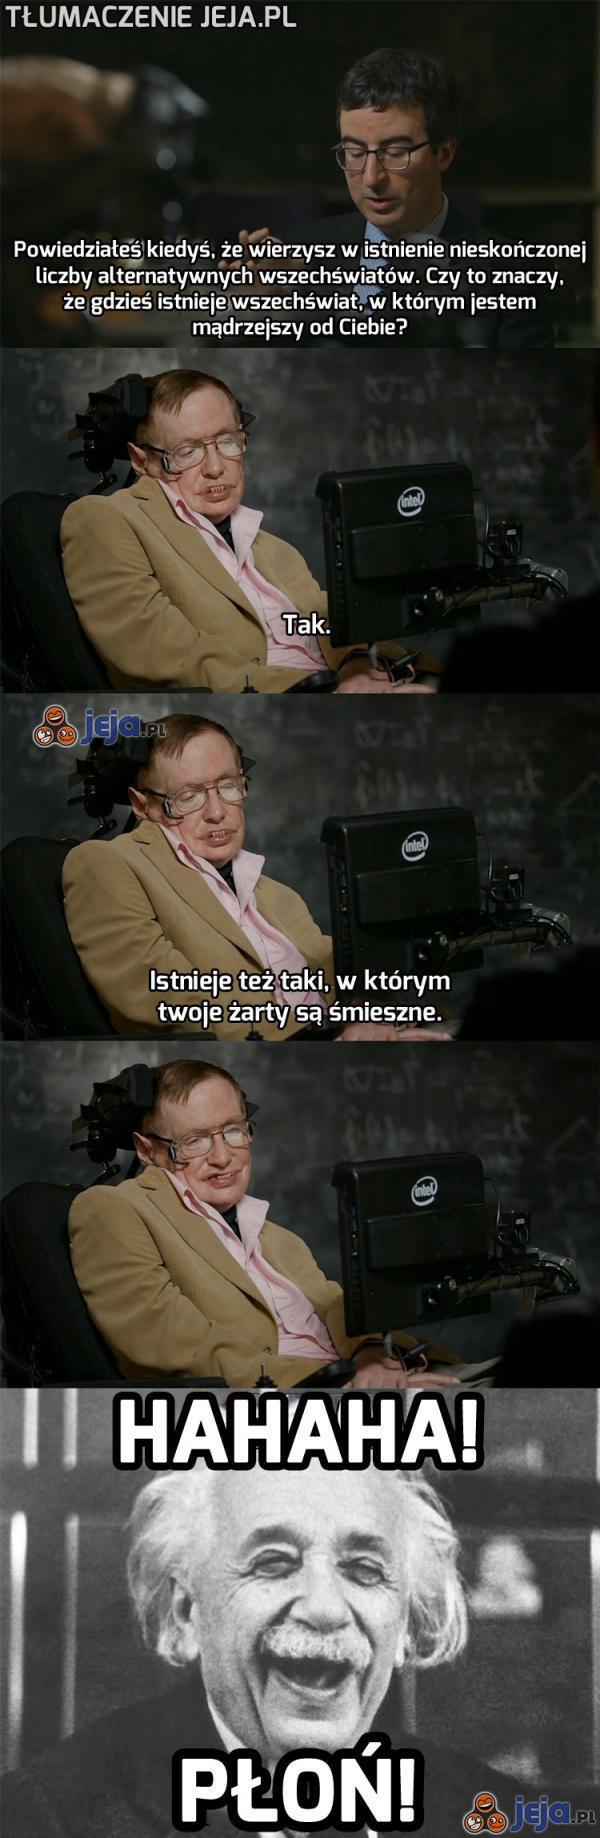 Stephen Hawking - wzór pozytywnego podejścia